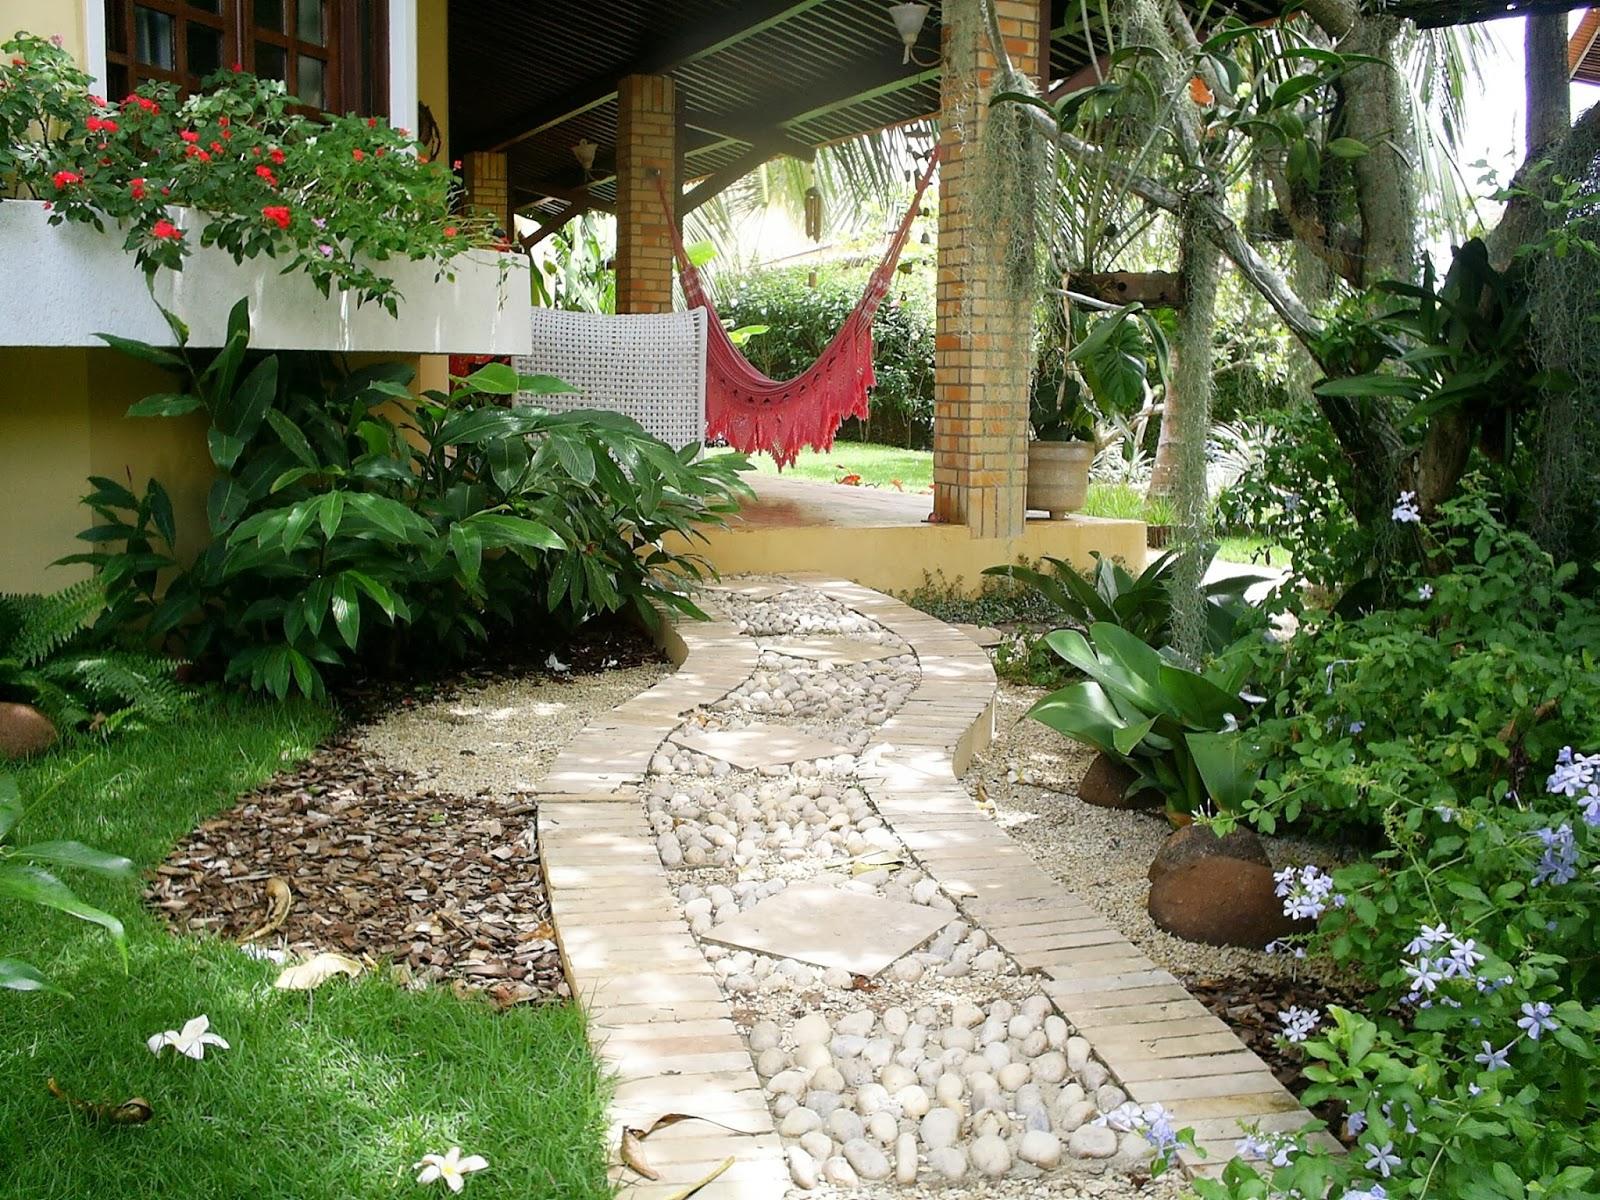 plantas jardins tropicais : plantas jardins tropicais: Decoração: JARDINS TROPICAIS – PLANTAS TÊM BOA ADAPTAÇÃO